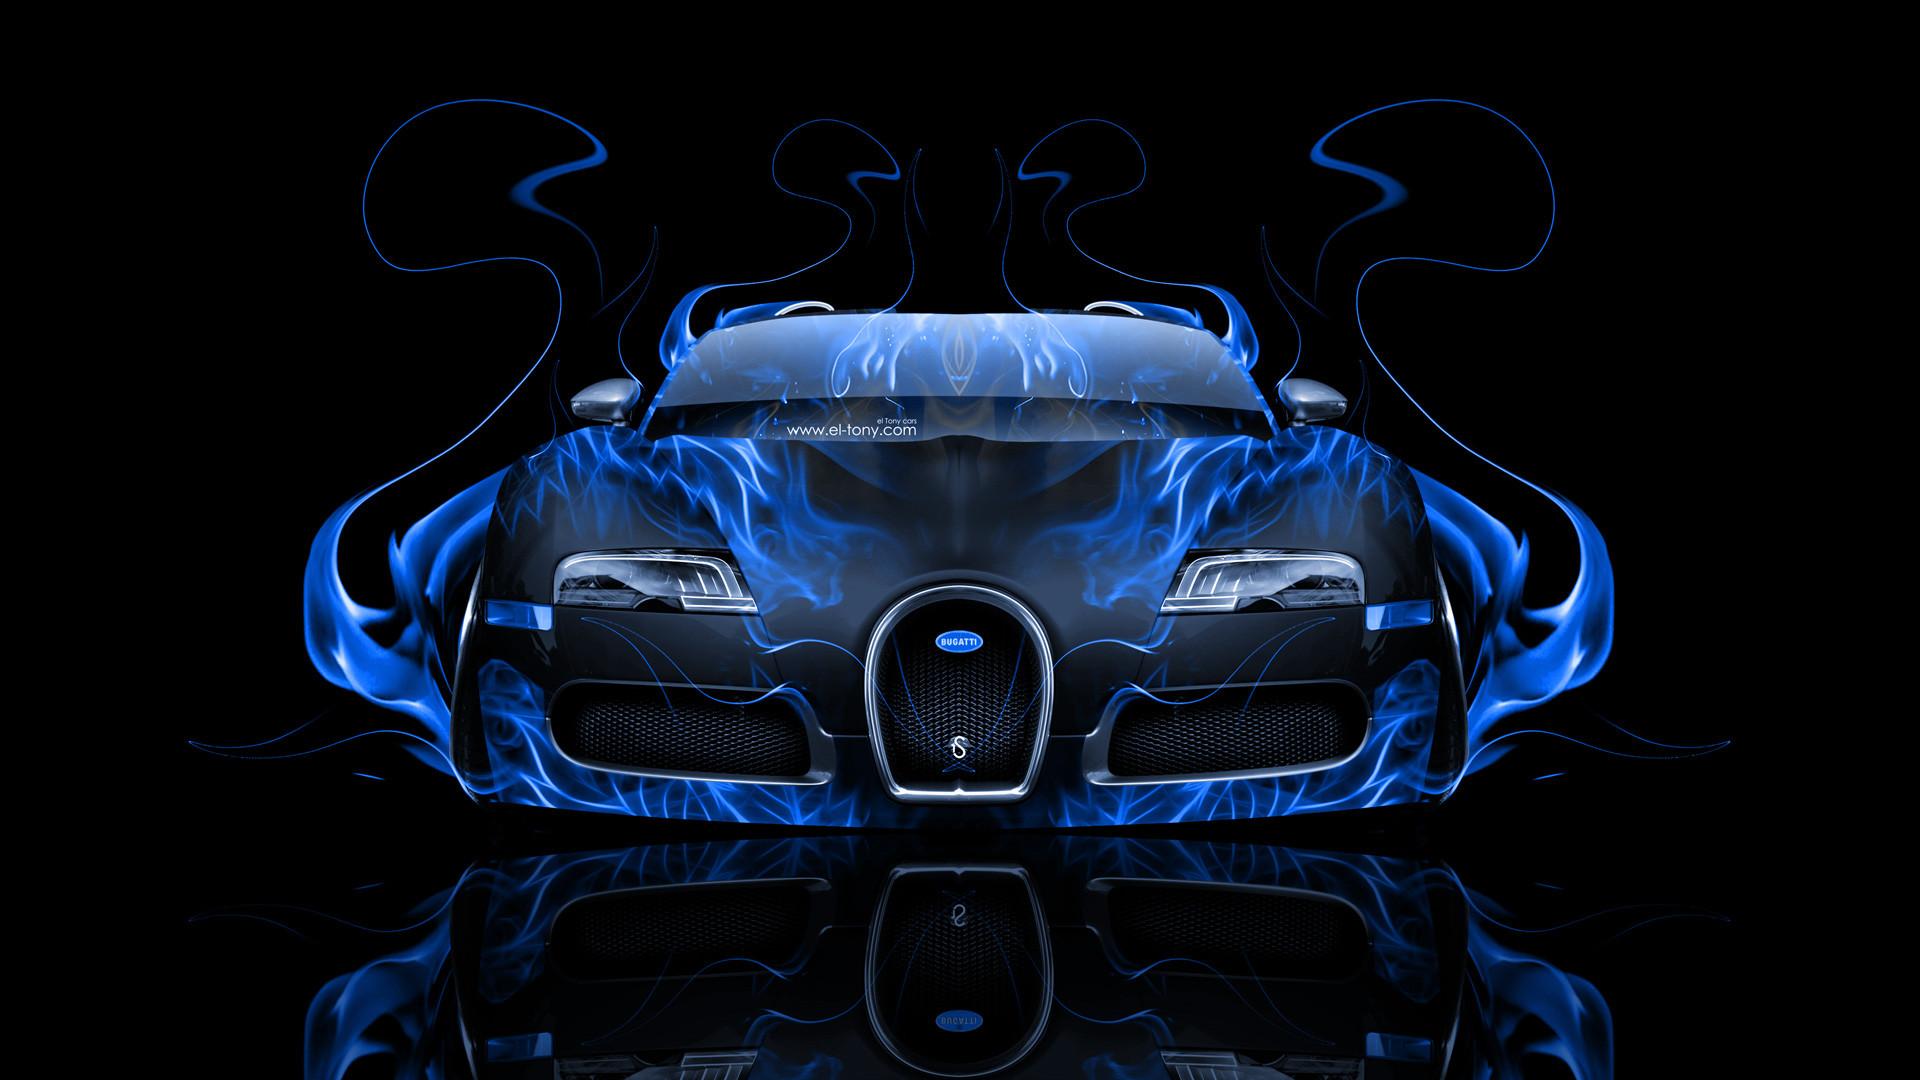 Cool Bugatti Wallpaper Full Hd